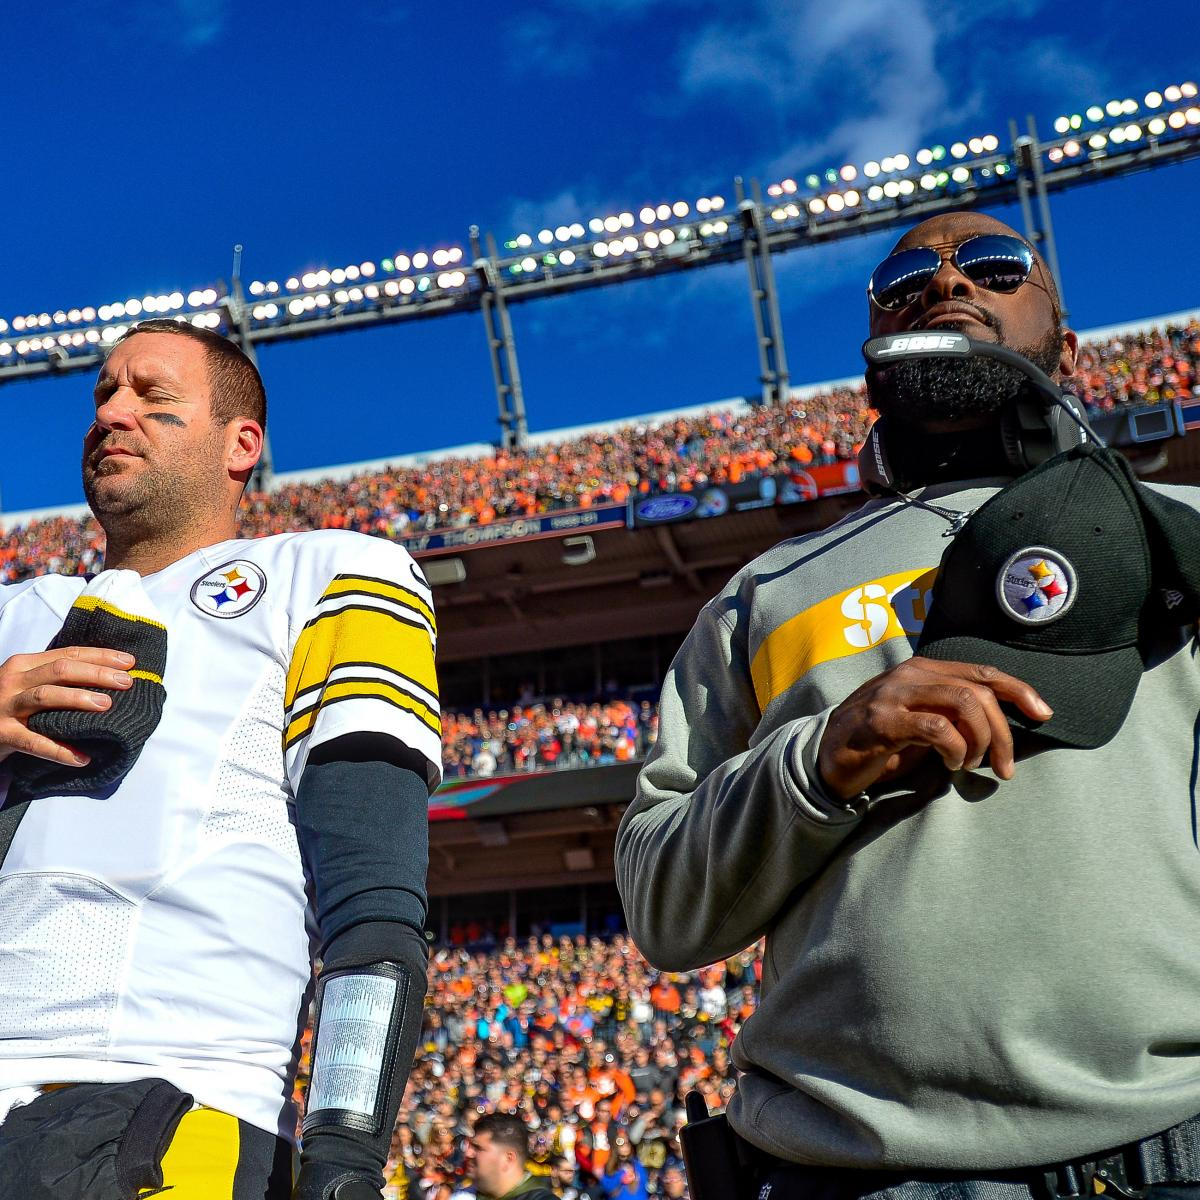 Steelers Should Consider Ending Roethlisberger, Tomlin Era After Big Ben Injury